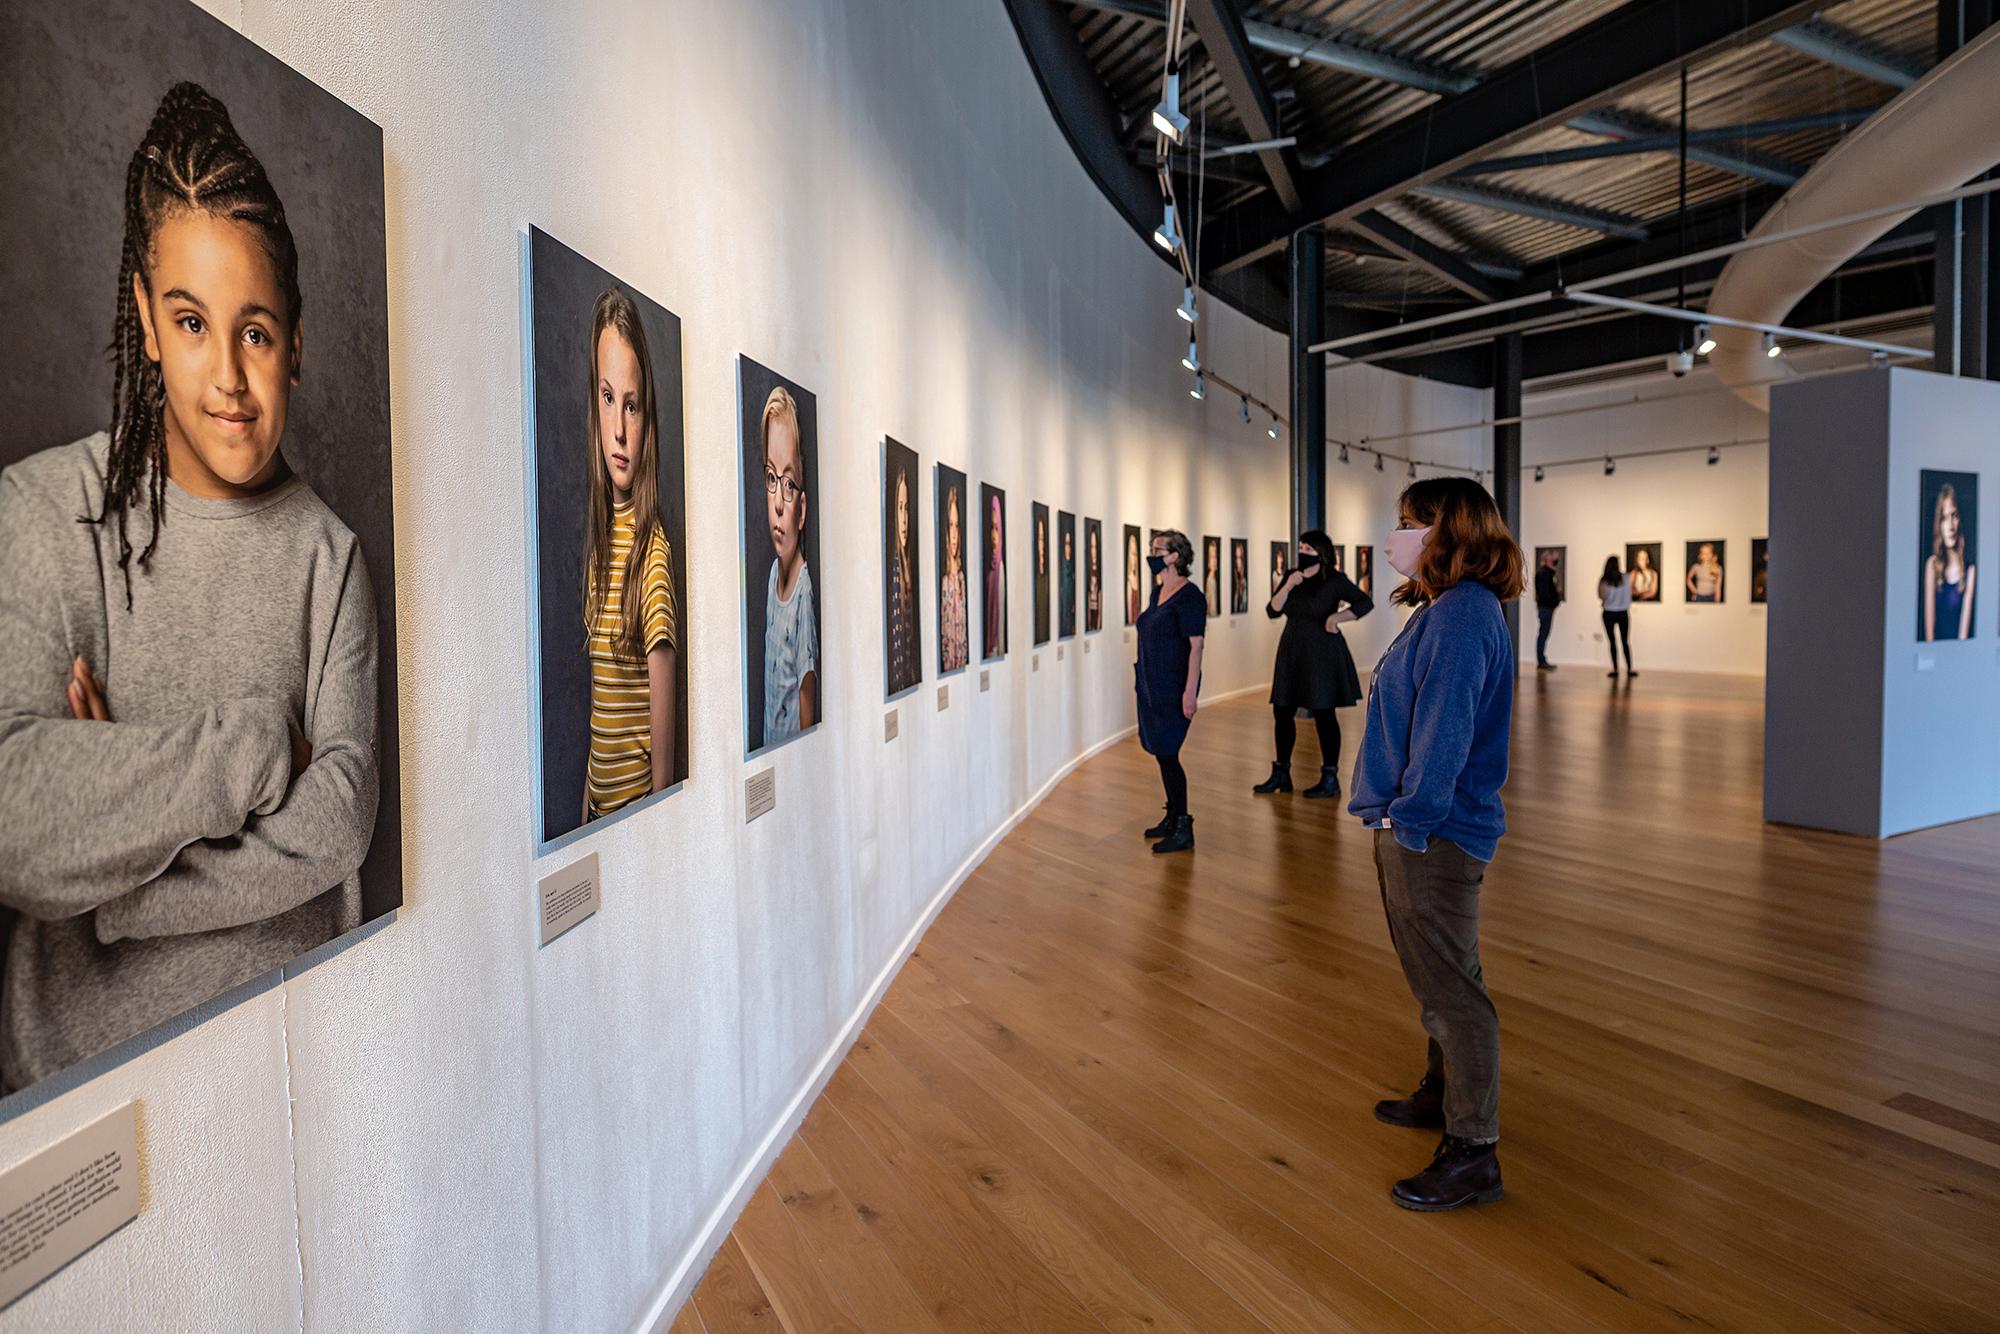 Being Inbetween by Carolyn Mendelsohn at Impressions Gallery © Karol Wyszynski